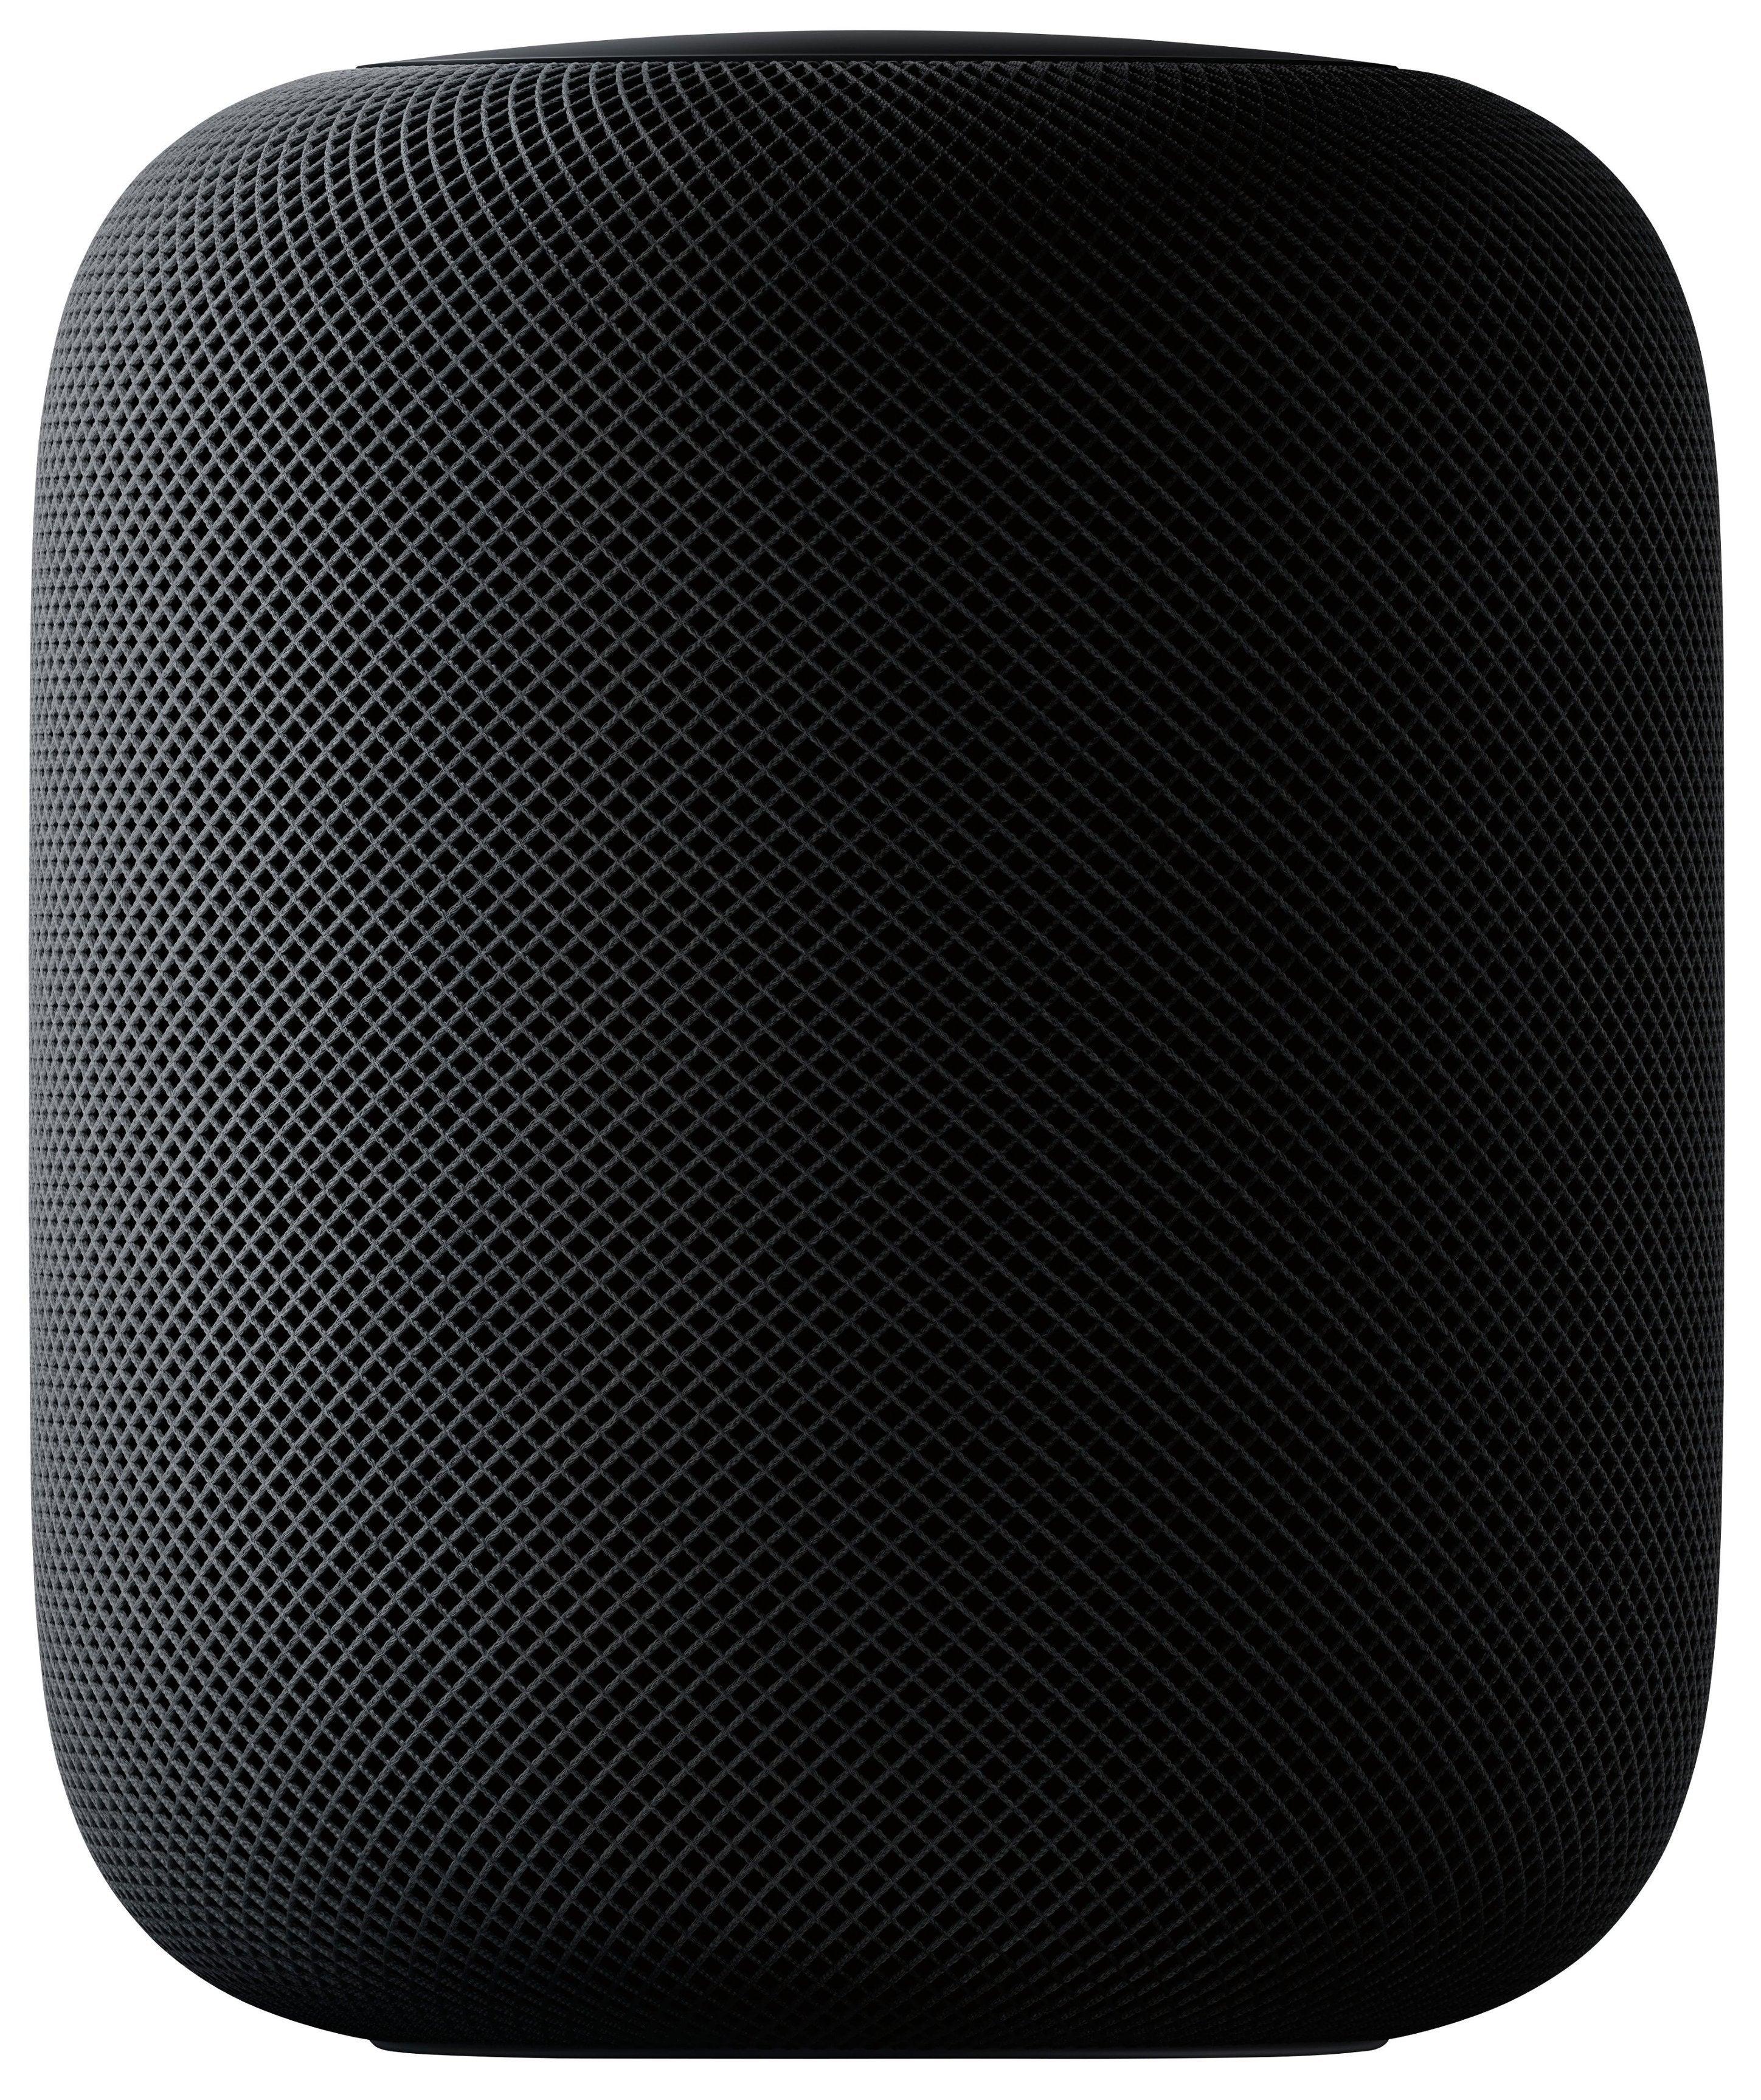 Buy HomePod 1 for 199